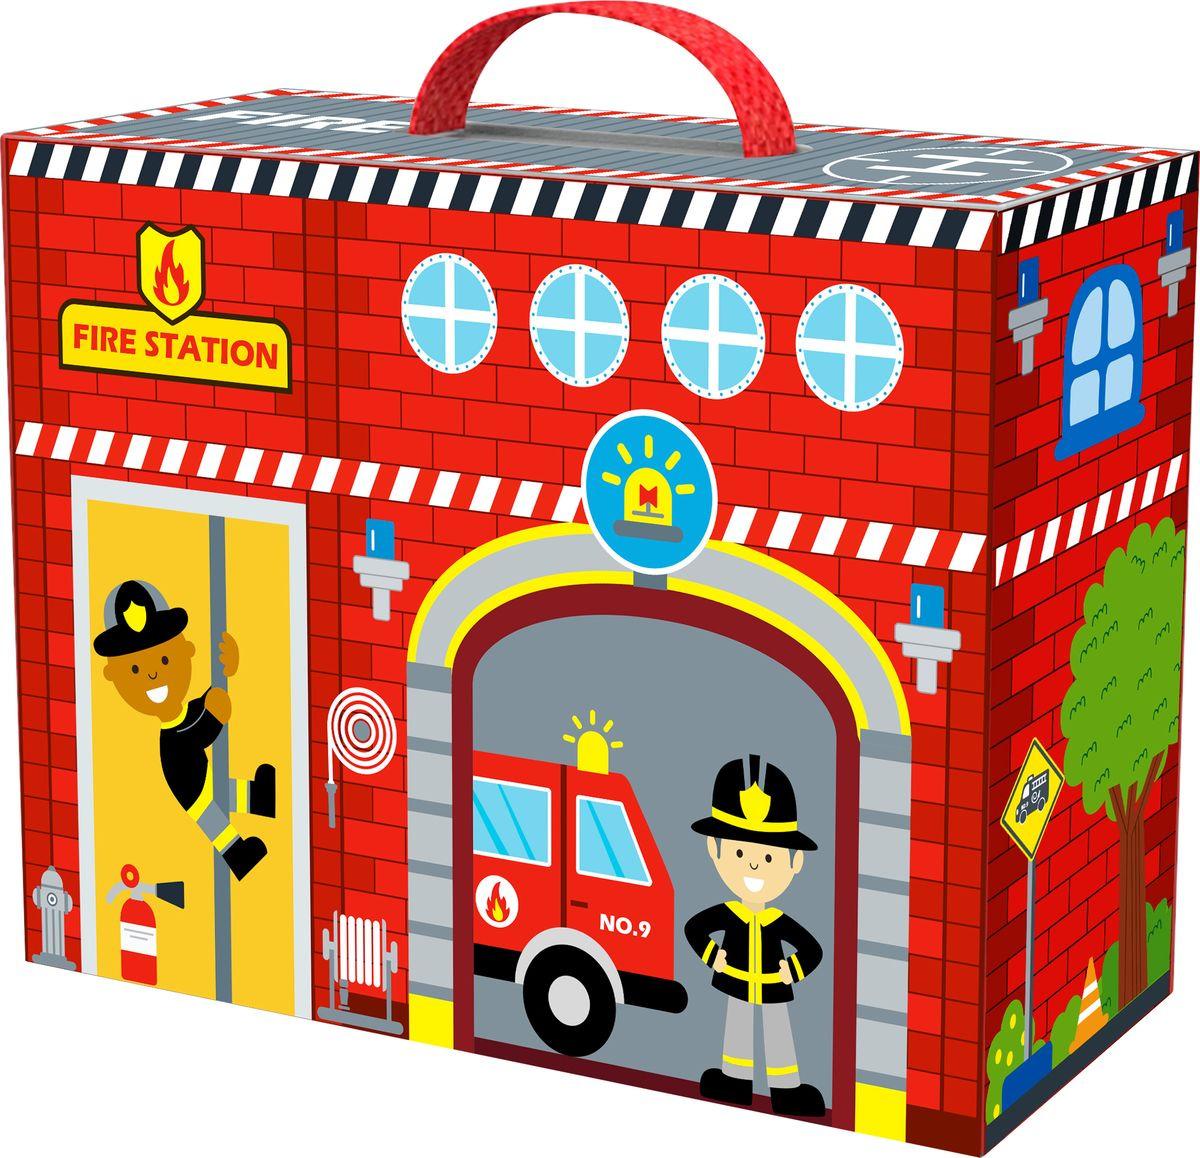 Развивающая игрушка Tooky Toy Пожарная станция TY203